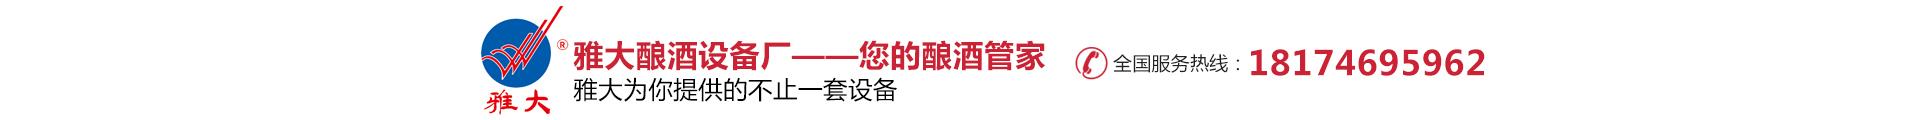 永州市雅大科技实业有限公司